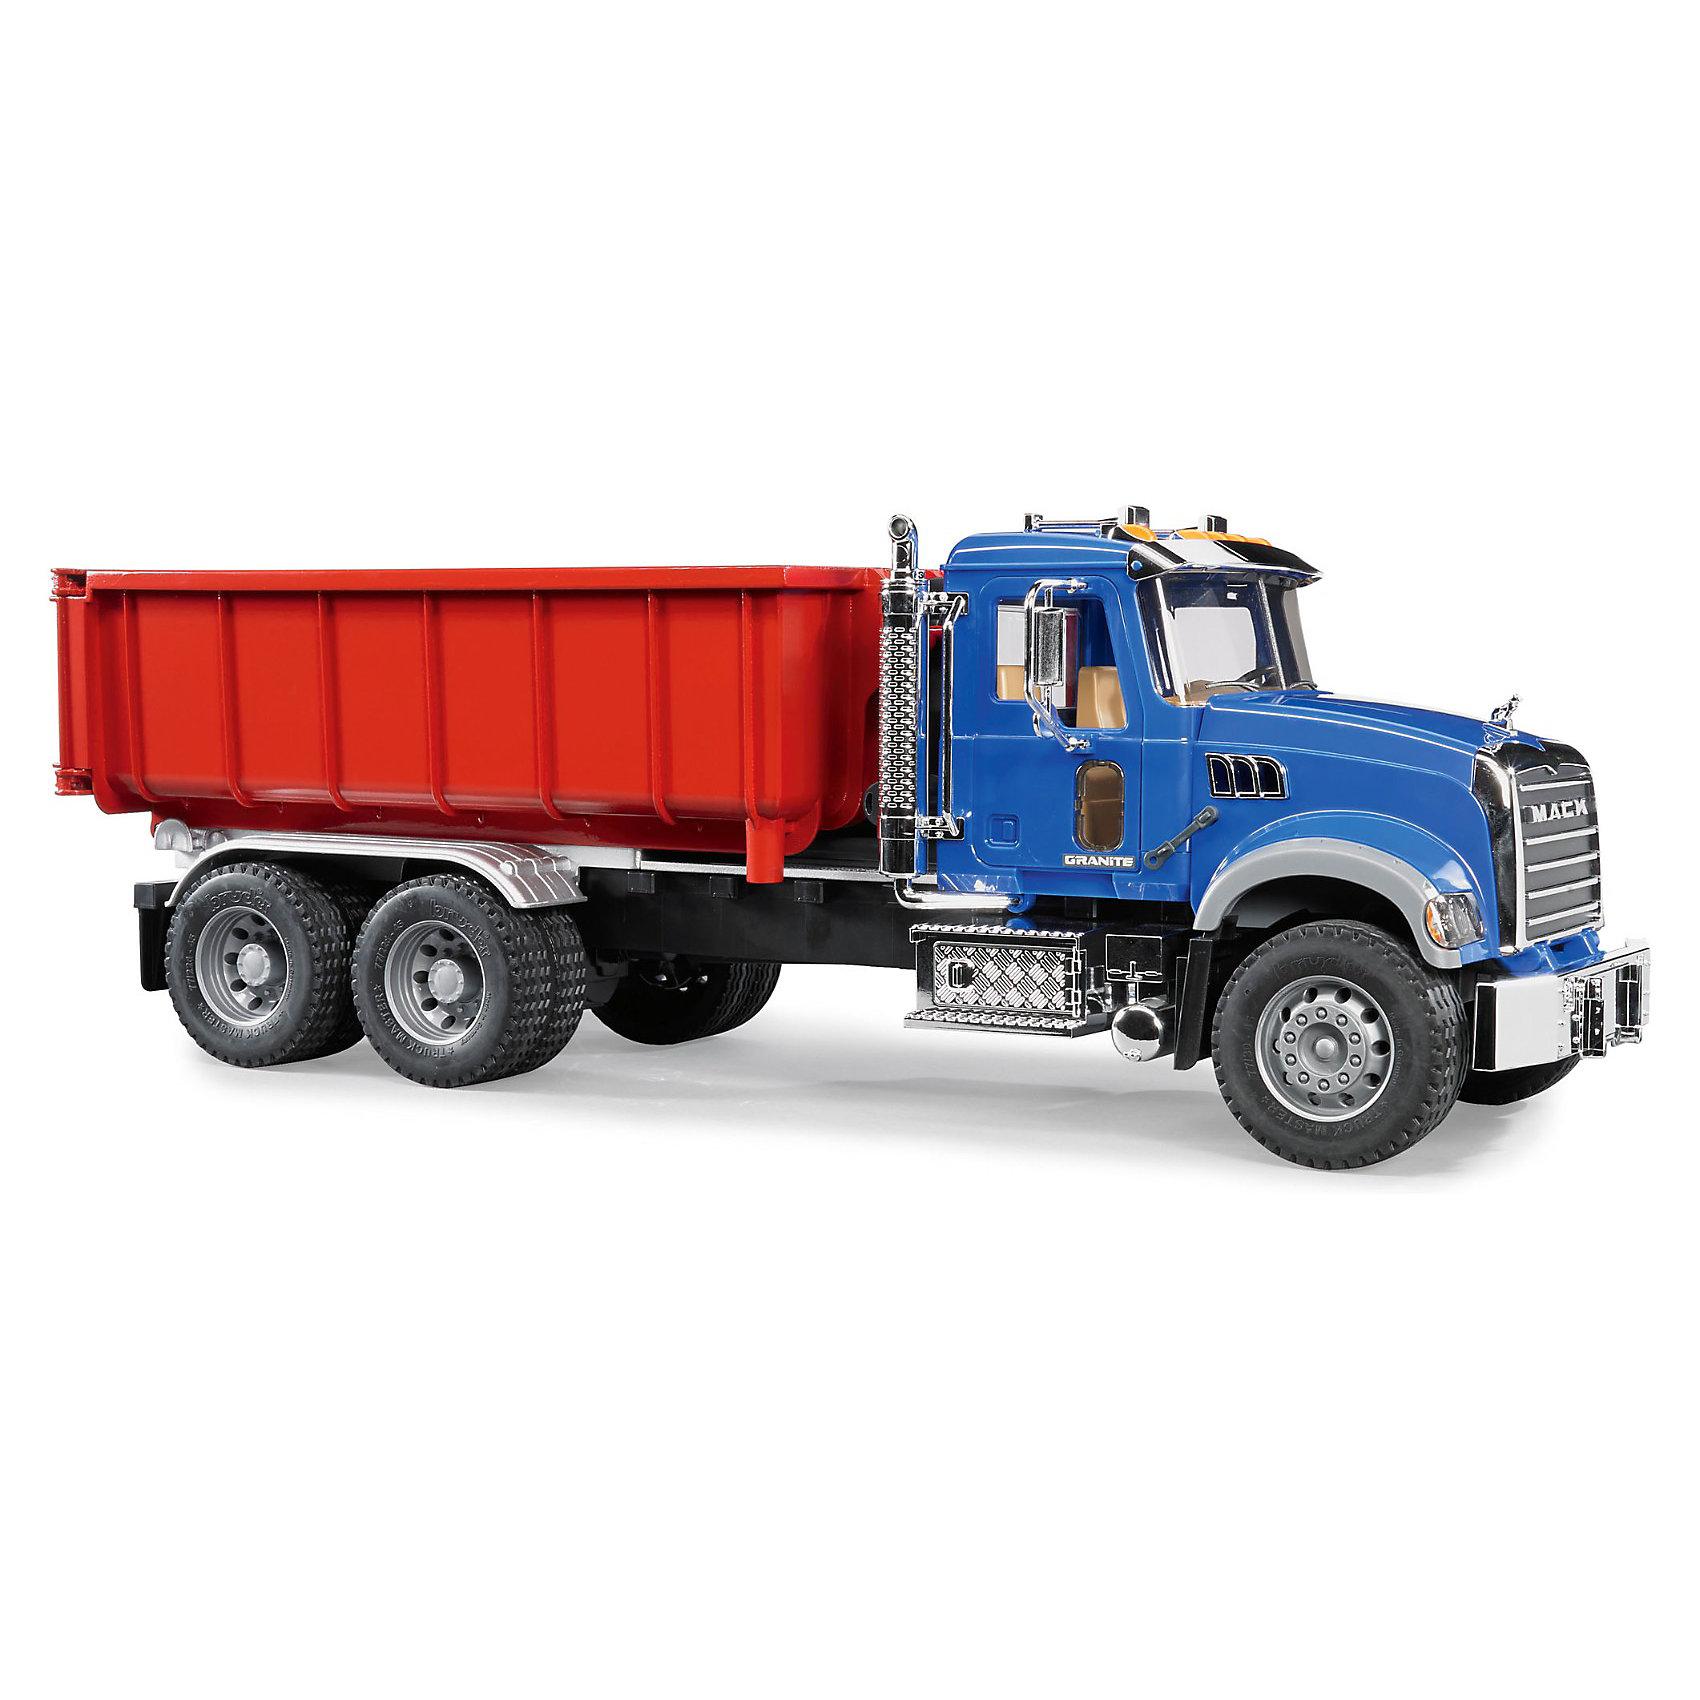 Самосвал-контейнеровоз MACK, BruderМашинки<br>Самосвал-контейнеровоз MACK, Bruder (Брудер) – игрушка, выполненная в строгом соответствии и с соблюдением особенностей настоящей машины.<br>Сильный, мощный автомобиль на четырехосной основе для перевозки тяжелых грузов самосвал-контейнеровоз MACK от немецкого производителя игрушек Bruder (Брудер) в точности повторяет реально существующую машину. Все детали автомобиля специально сделаны так, что бы ребенок в процессе игры мог увидеть устройство настоящего автомобиля, принцип его работы. Насыщенные цвета, стилизованные под хром элементы (выхлопная труба, радиаторная решетка и другие) и функциональность этой игрушки приведут в восторг вашего ребенка. У машины открываются двери, складываются зеркала, поднимается капот, открывая доступ к двигателю. Лобовое стекло изготовлено из прочного прозрачного материала. Контейнер самосвала опрокидывается с помощью специального подъемного механизма. Задний борт контейнера открывается. Резиновые шины с красивым протектором, придают автомобилю больше мощности и привлекательности. К самосвалу подходит модуль со световыми и звуковыми эффектами H (не входит в комплект). Игрушка изготовлена из высококачественного пластика, устойчивого к износу и ударам. Продукция сертифицирована, экологически безопасна для ребенка, использованные красители не токсичны и гипоаллергенны.<br><br>Дополнительная информация:<br><br>- Размер машины: 60 х 18,5 х 20,7 см.<br>- Масштаб 1:16<br>- Материал: высококачественный пластик<br>- Цвет: синяя кабина, красный контейнер<br><br>Самосвал-контейнеровоз MACK, Bruder (Брудер) можно купить в нашем интернет-магазине.<br><br>Ширина мм: 641<br>Глубина мм: 230<br>Высота мм: 200<br>Вес г: 2201<br>Возраст от месяцев: 36<br>Возраст до месяцев: 96<br>Пол: Мужской<br>Возраст: Детский<br>SKU: 3731417